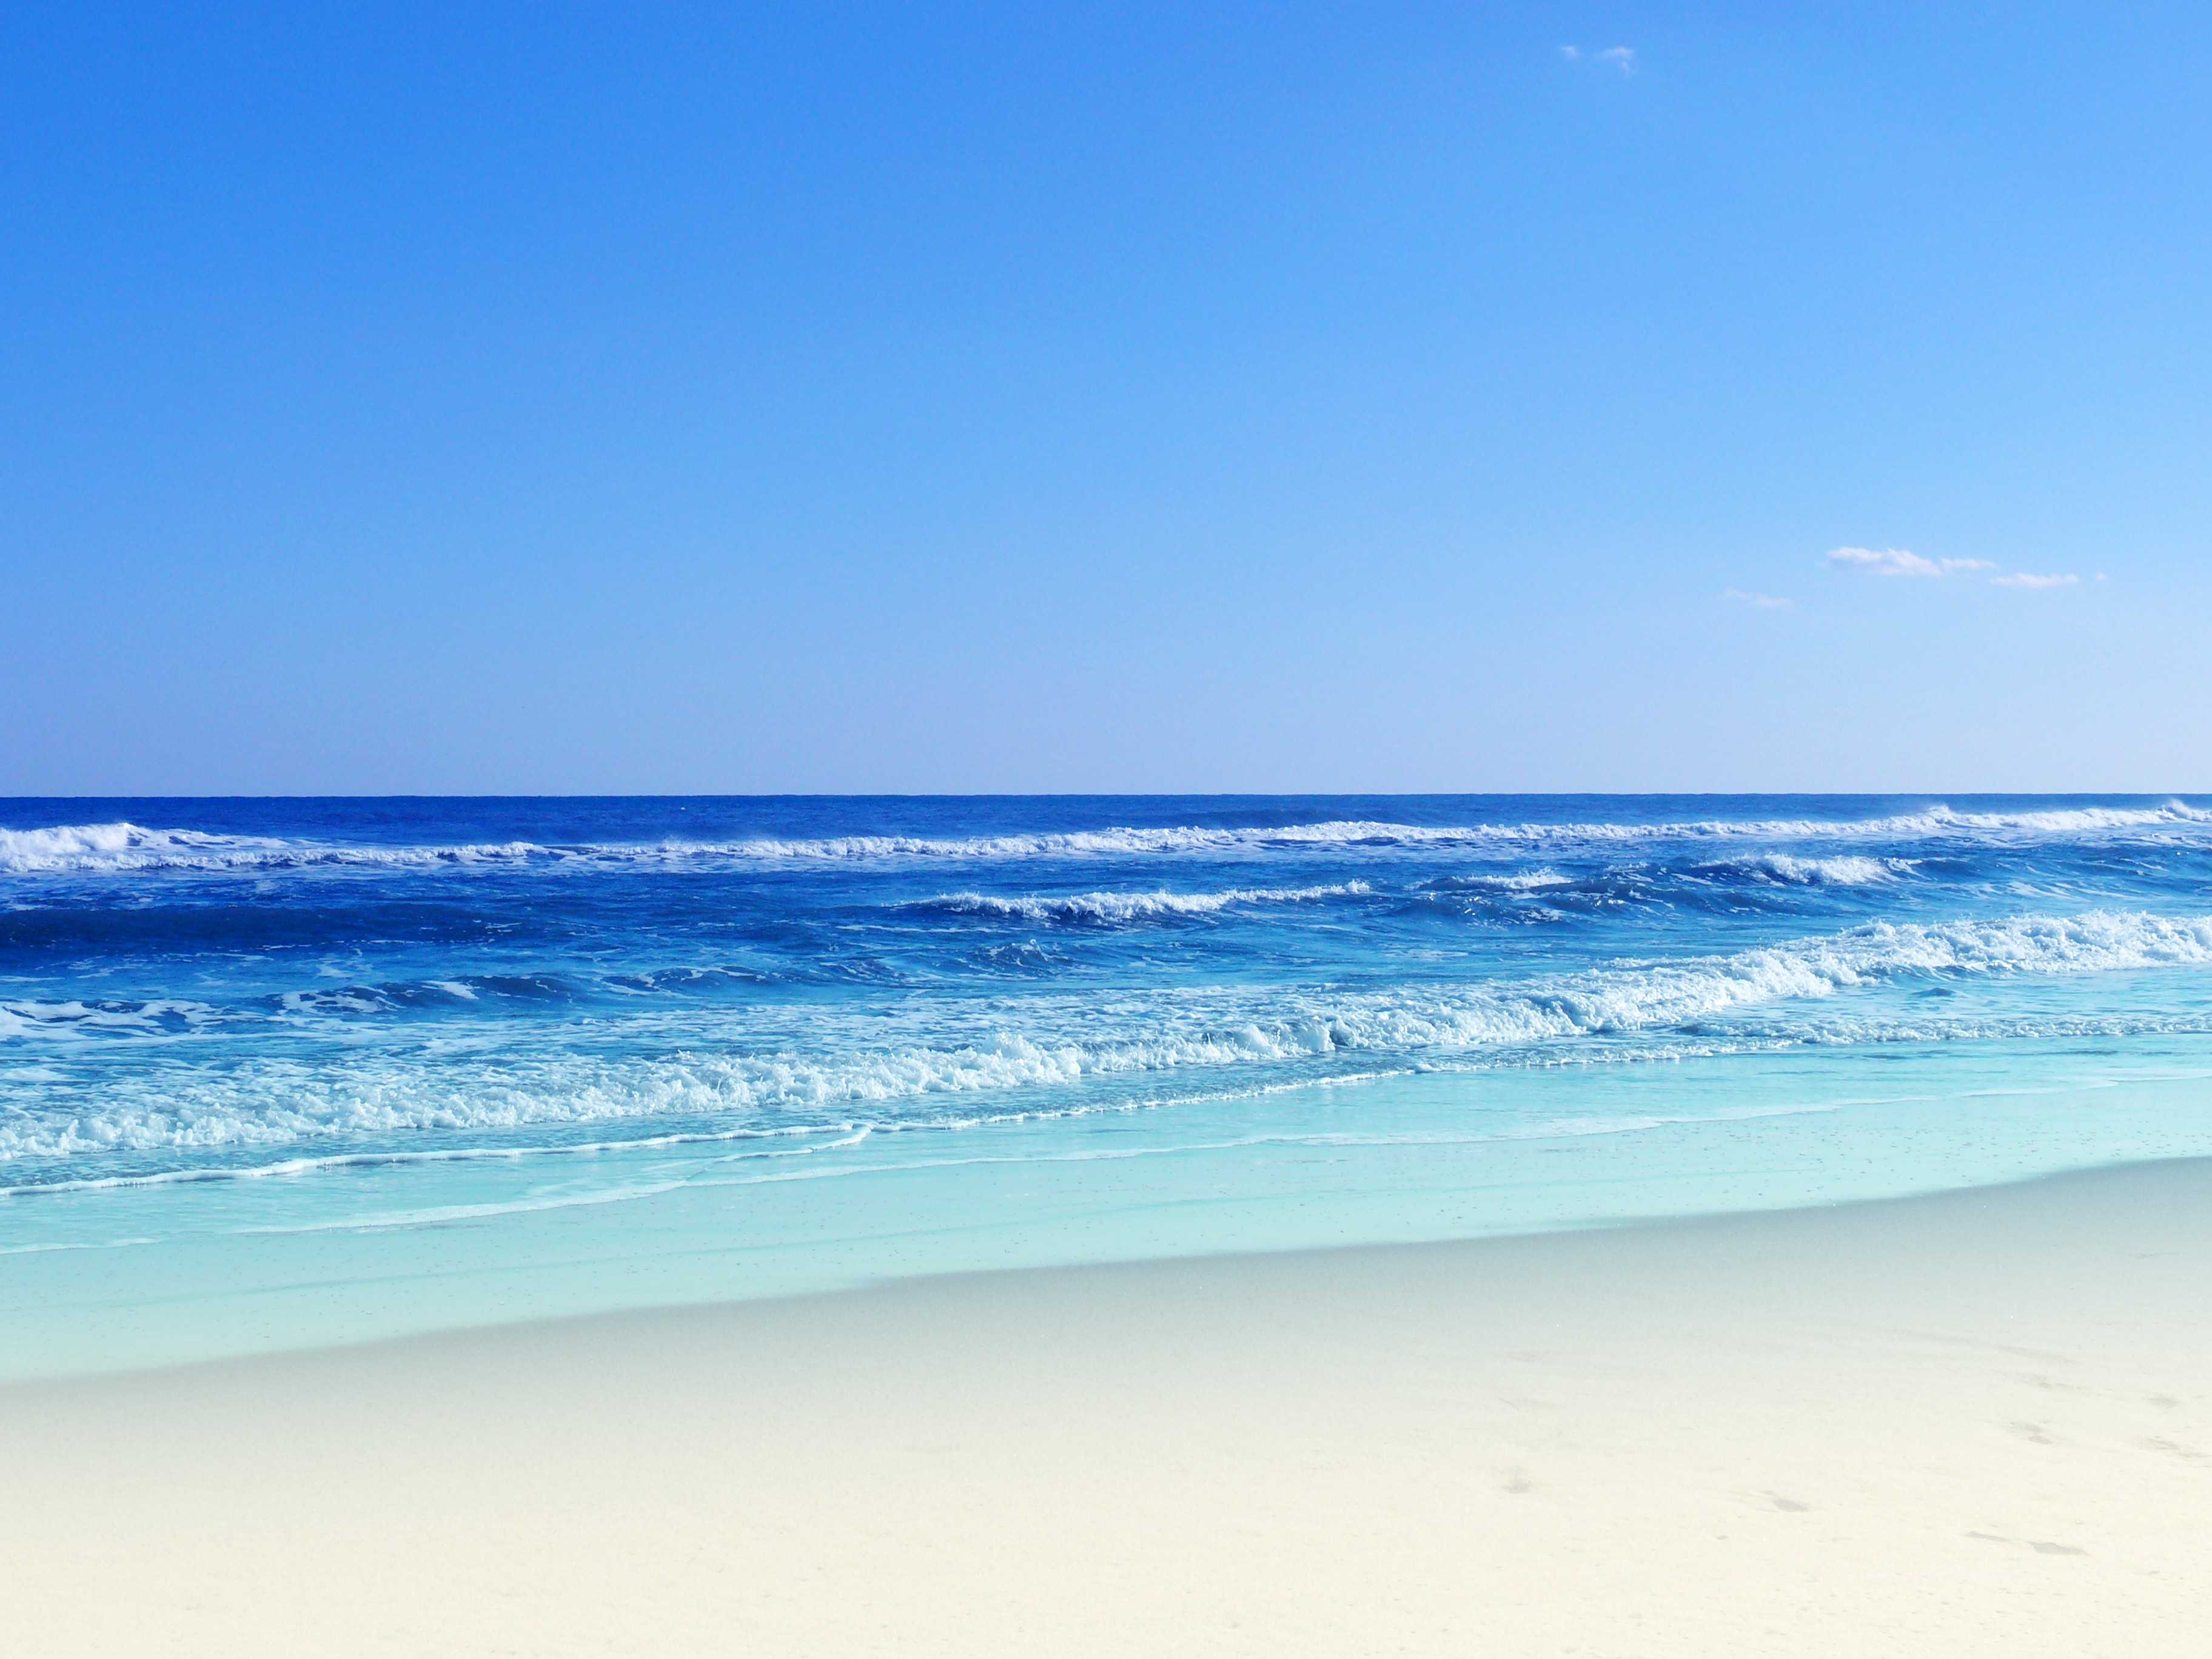 泳ぐ 海 英語 で 海に効く!リゾート地で使える英語表現